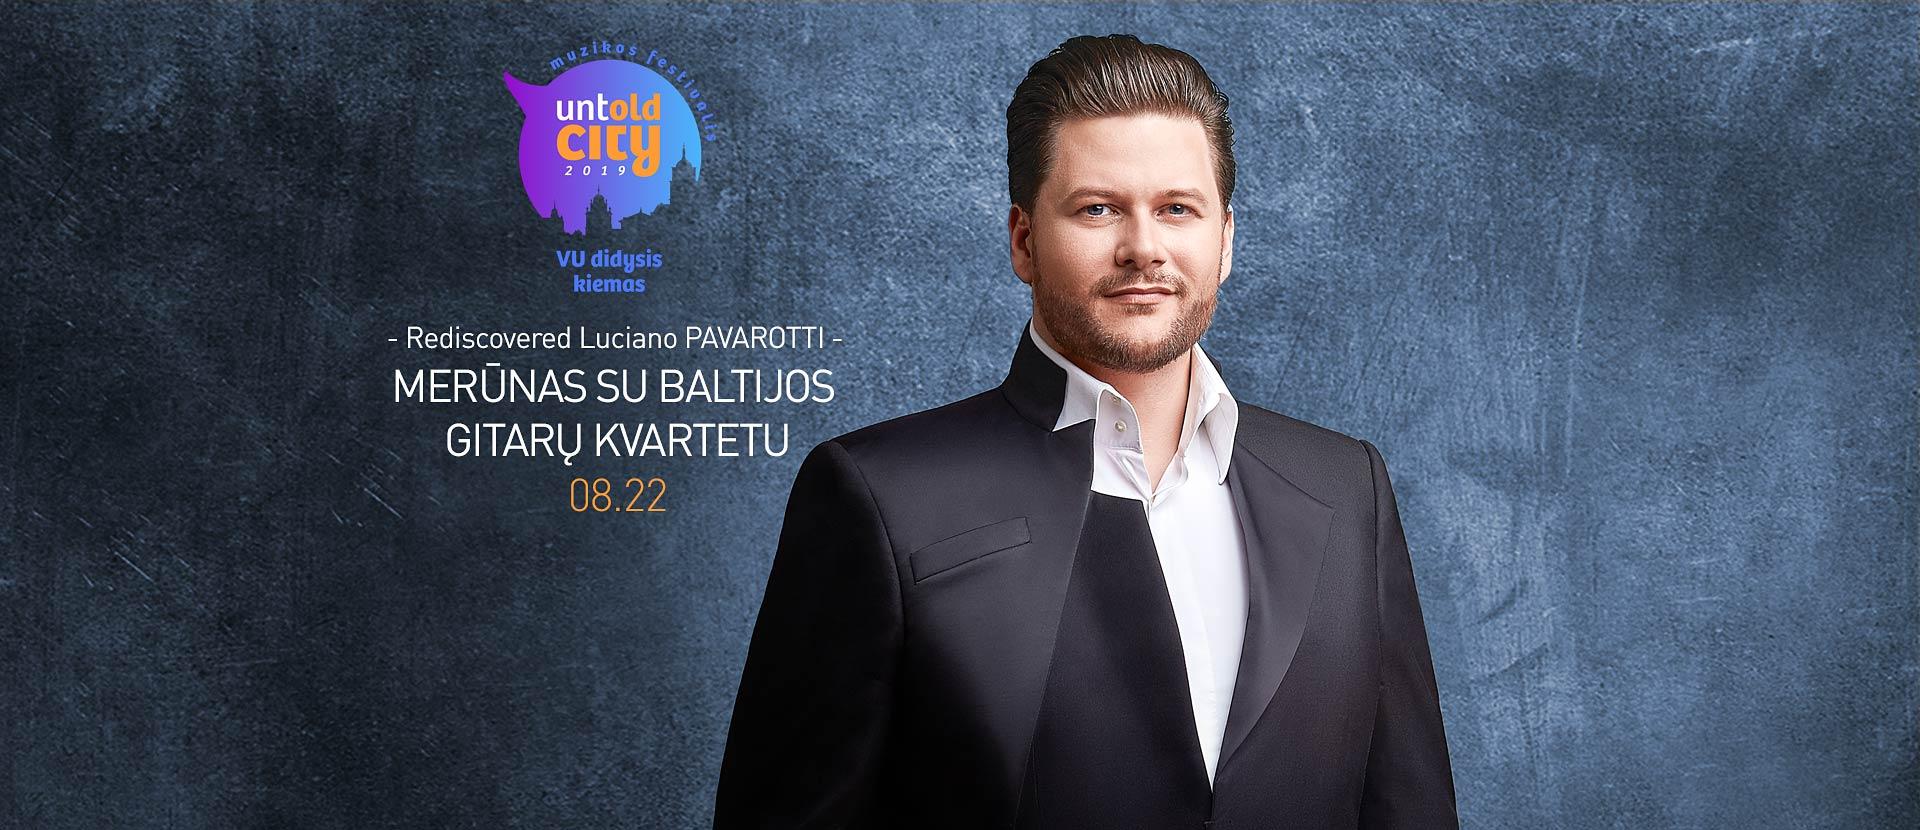 Rediscovered Luciano PAVAROTTI. Merūnas su Baltijos gitarų kvartetu | UNTOLD CITY